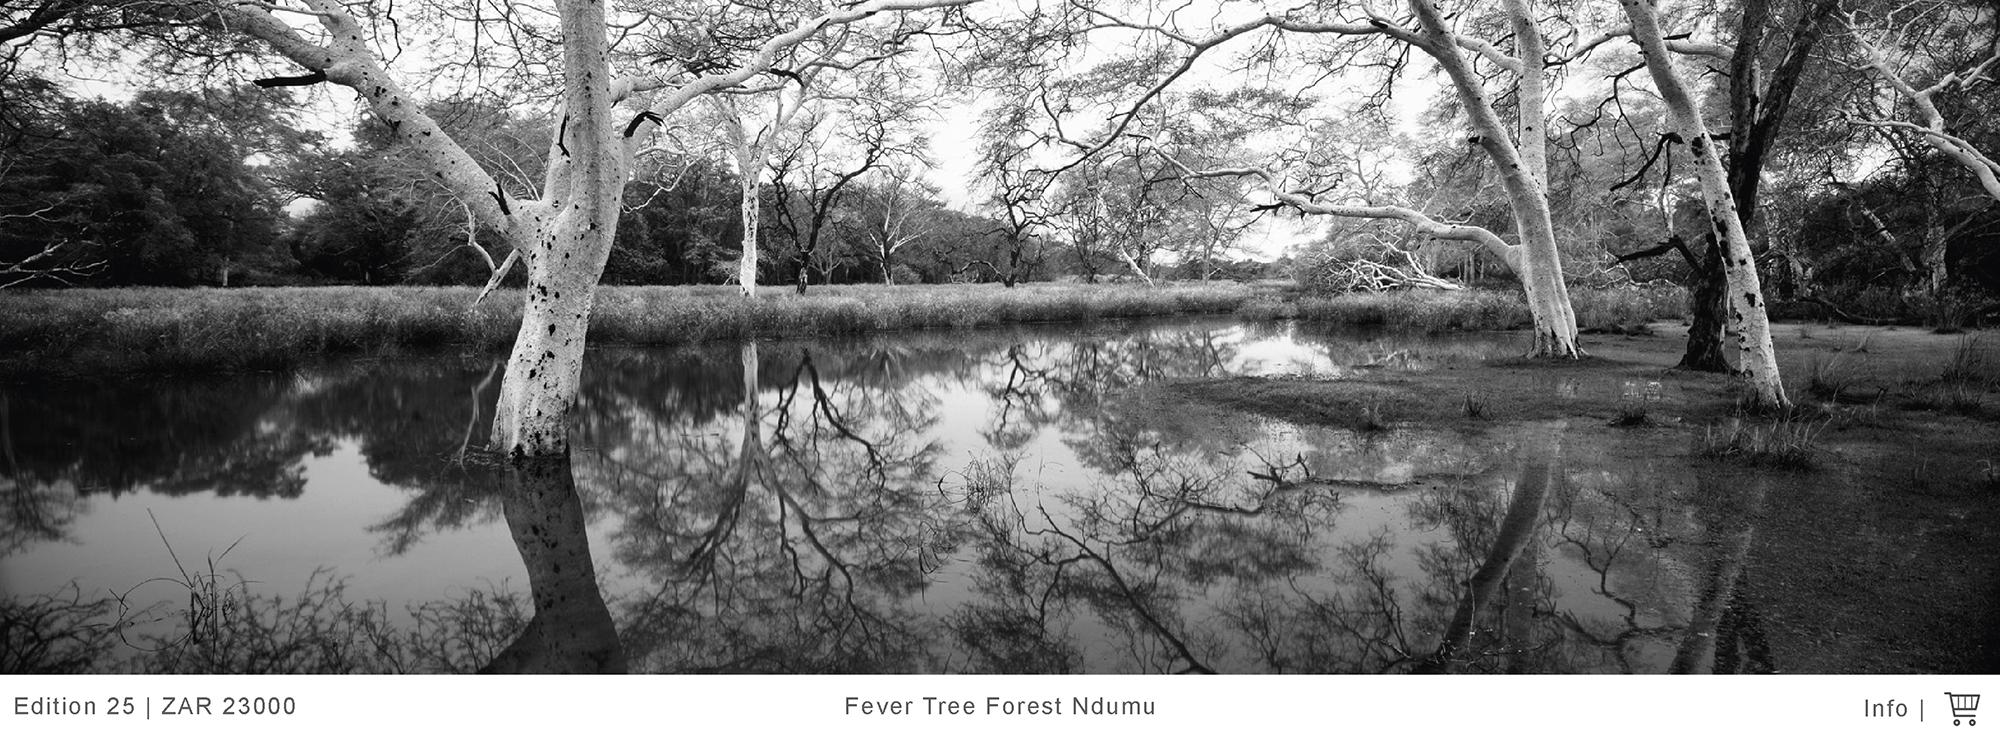 Landscape Photography I Koos Van Der Lende